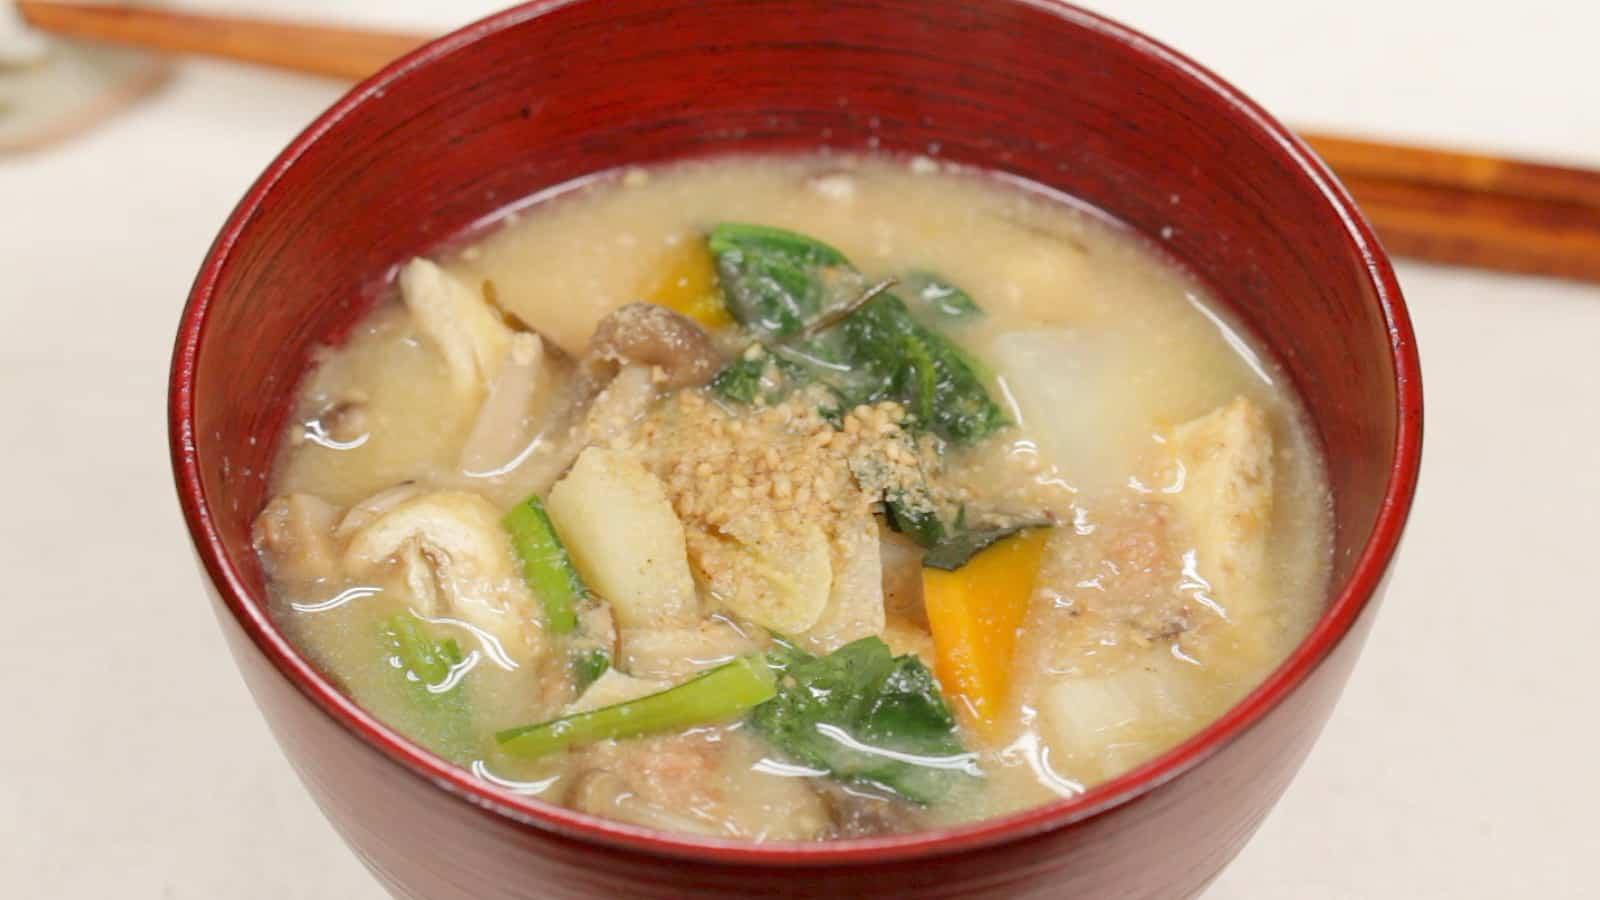 Tápláló Miso Leves Recept (A Legegeészségesebb Japán Étel Egy Halom Zöldséggel)